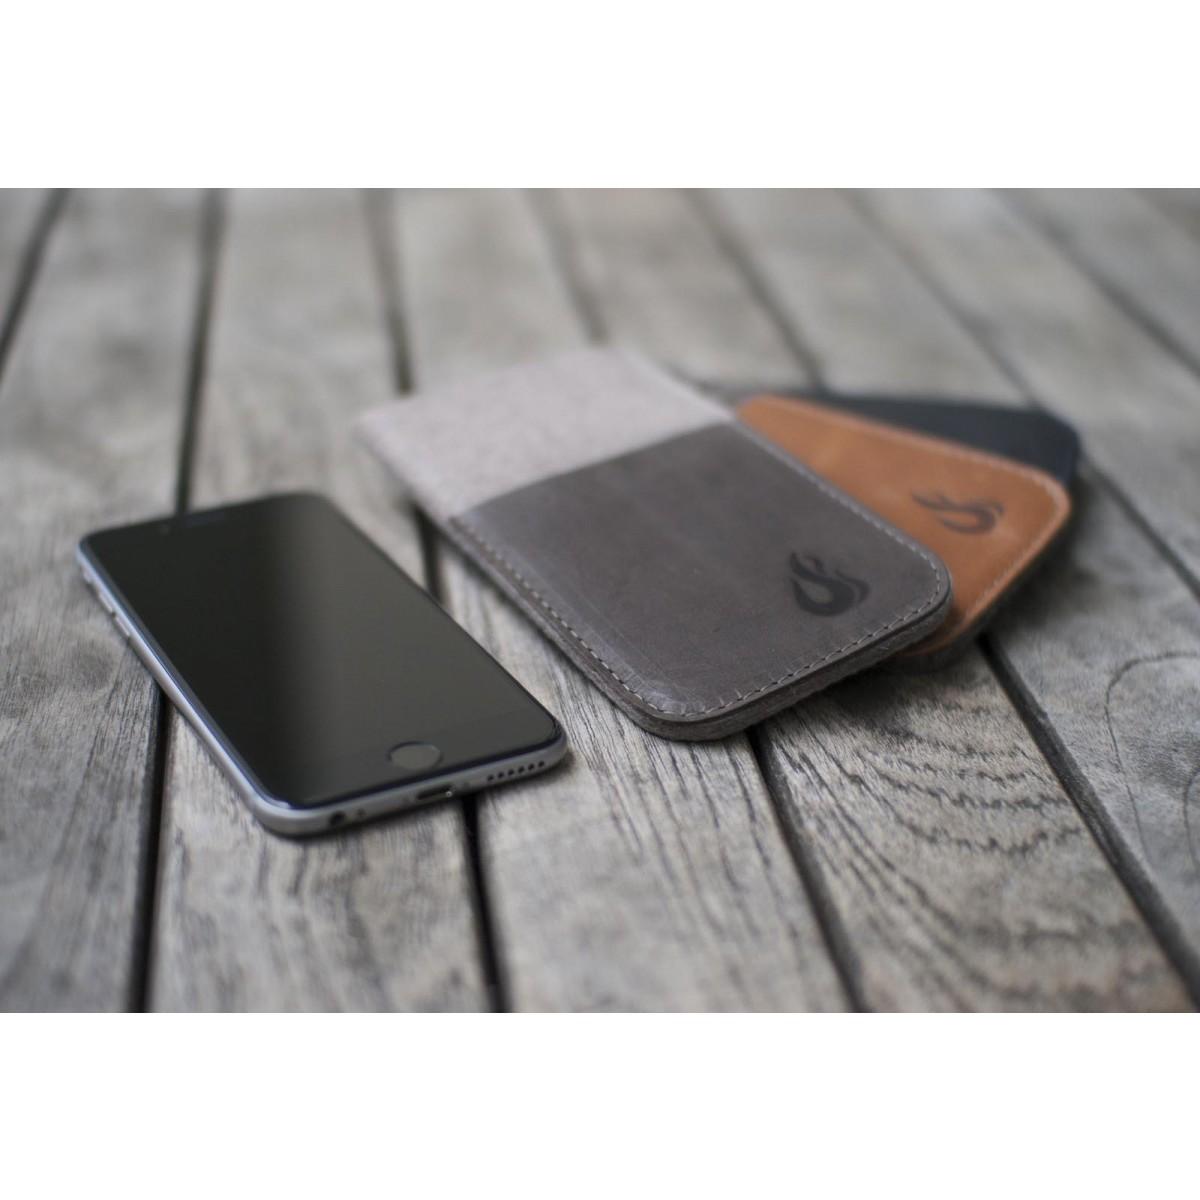 Hülle für iPhone 7 Plus / iPhone 8 Plus mit Visitenkartenfach - indigo/cognac (Filz und Leder) - Burning Love